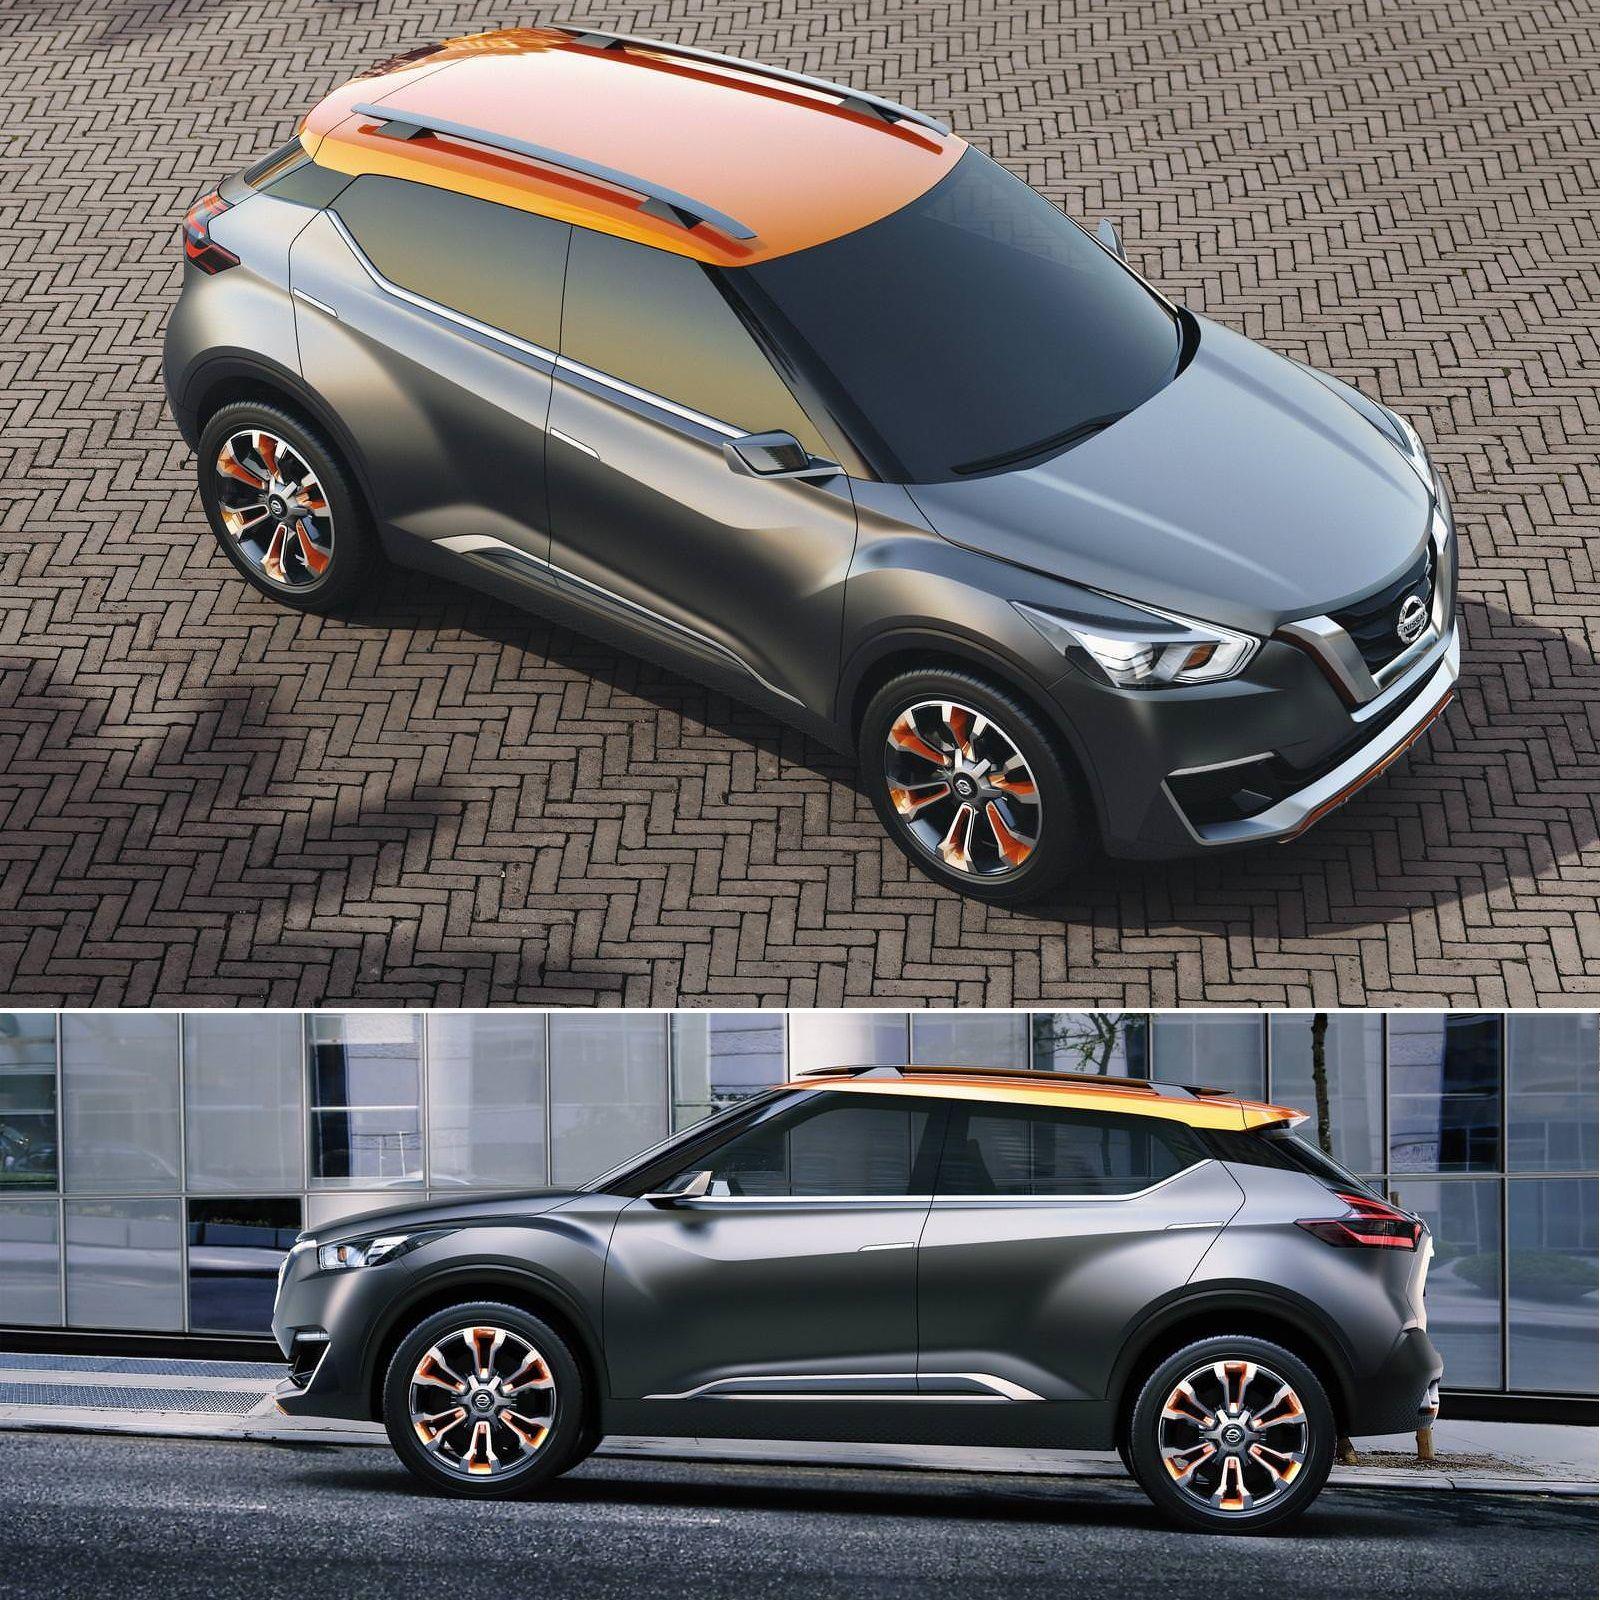 الكشف عن سيارة نيسان كيكس الاختبارية الجديدة كليا كشفت شركة نيسان اليابانية عن سيارتها الاختبارية الجديدة نيسان كيكس Nissan Kicks بعد أن Toy Car Car Toys